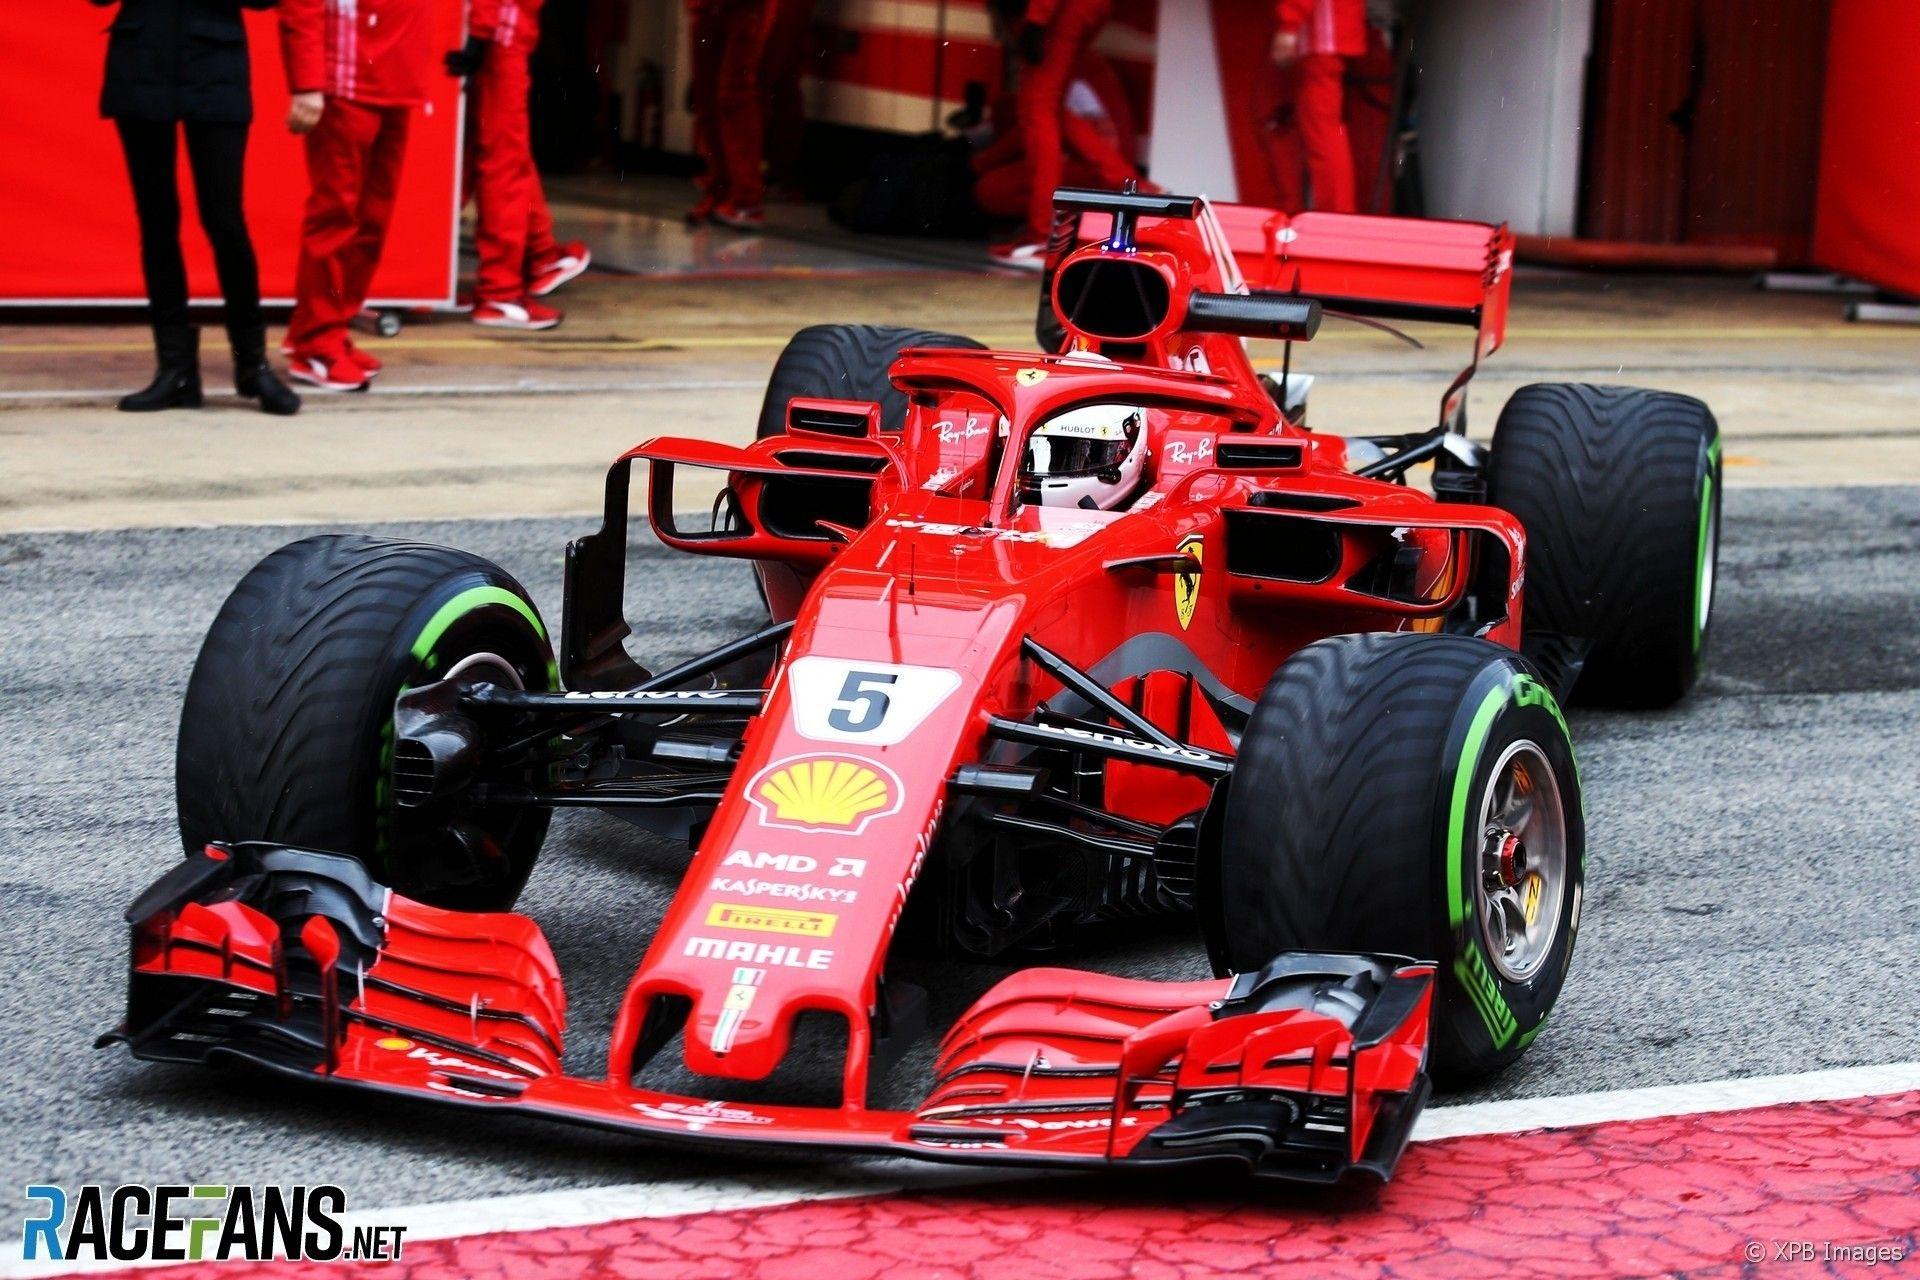 Vettel 2019 Ferrari Redesign And Price Ferrari Racing Ferrari